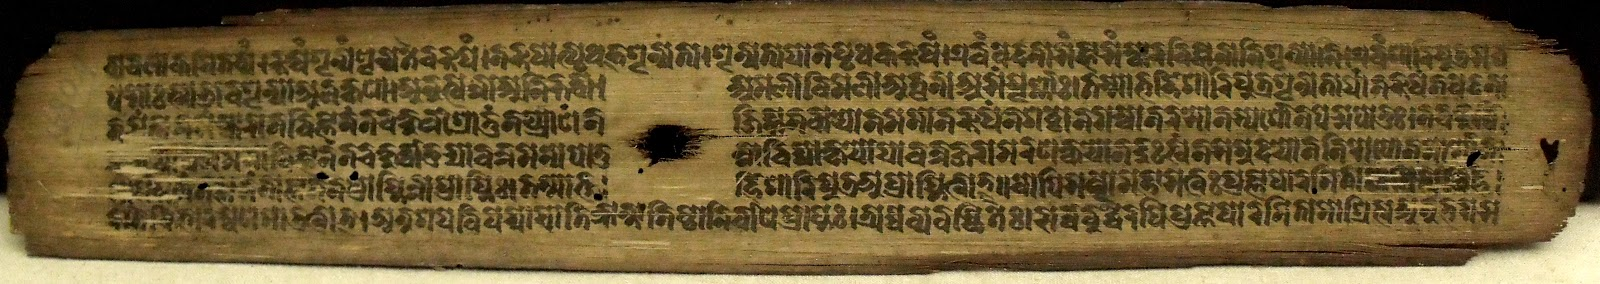 Tâm Kinh Bát Nhã được viết bằng tiếng Siddam cổ trên lá bối - The Heart Sutra in Siddam - Source: http://visiblemantra.blogspot.com